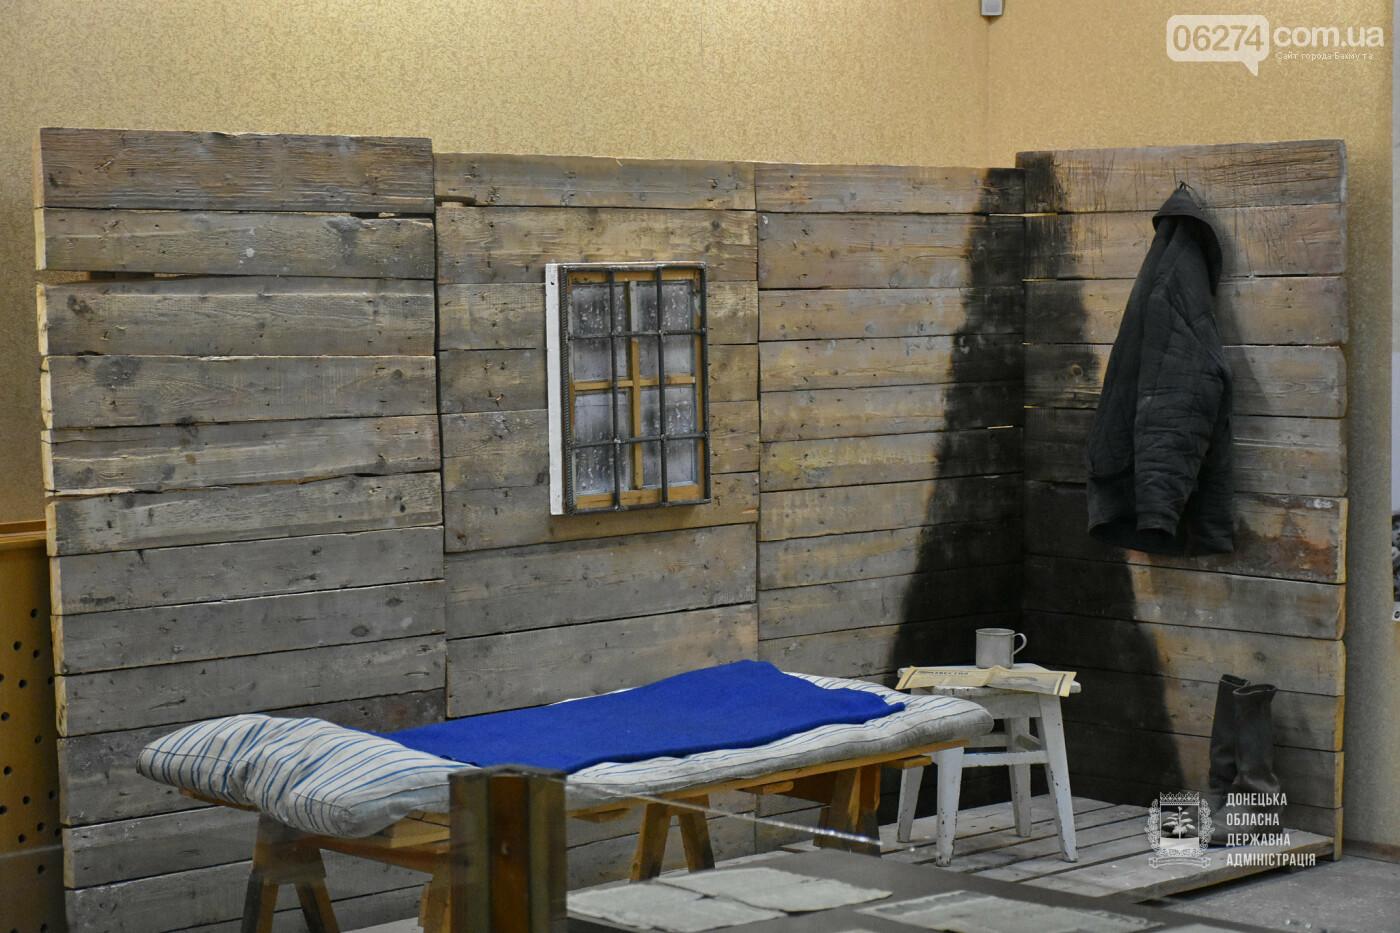 В Бахмуте открылась онлайн-выставка памяти жертв Голодомора и Большого террора, фото-5